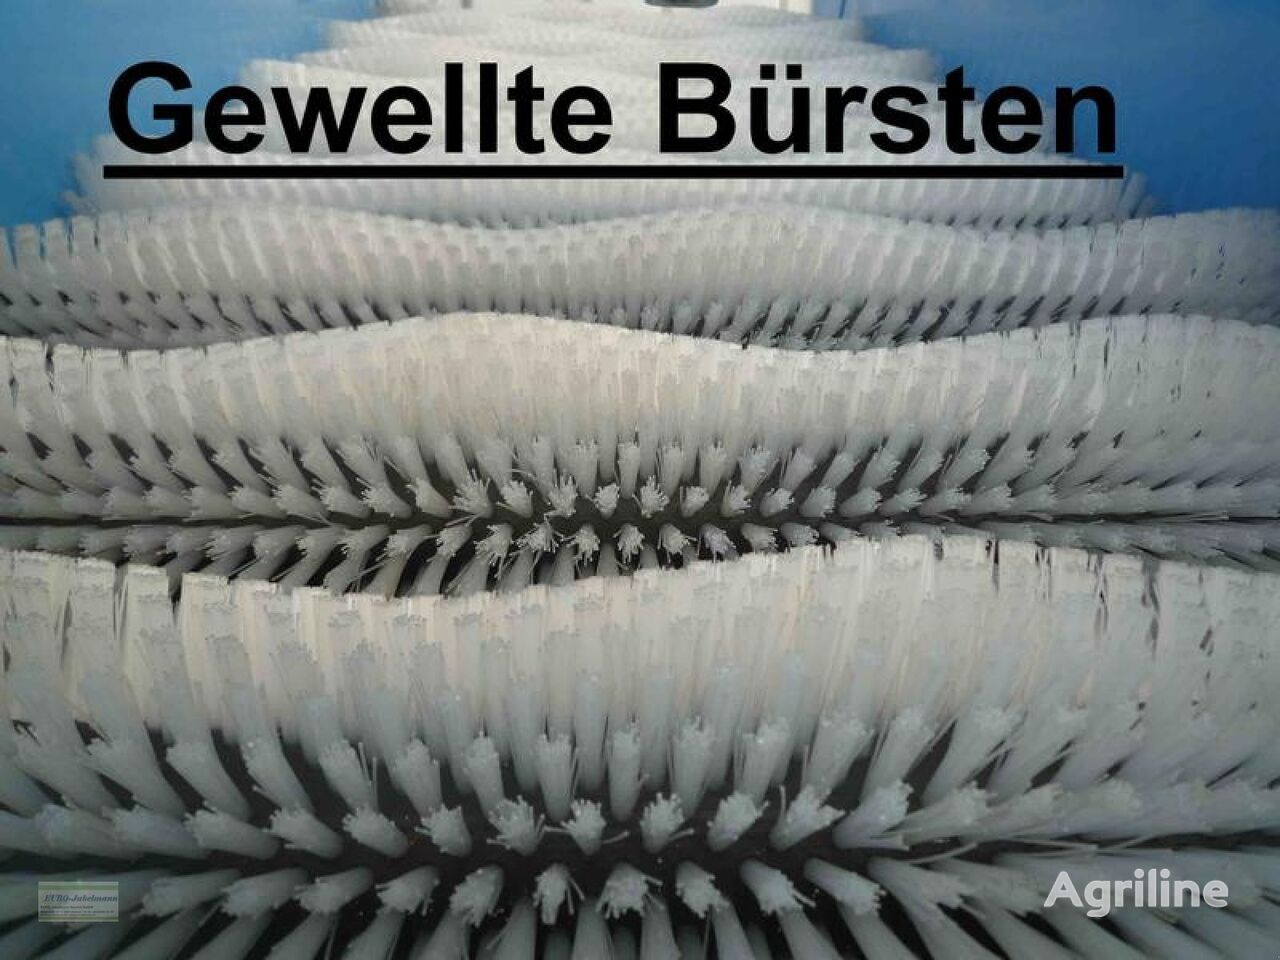 laveuse de légumes EURO-Jabelmann Bürstenmaschine, NEU, 11 Bürsten + 3 Spiralen, 550 mm breit neuve